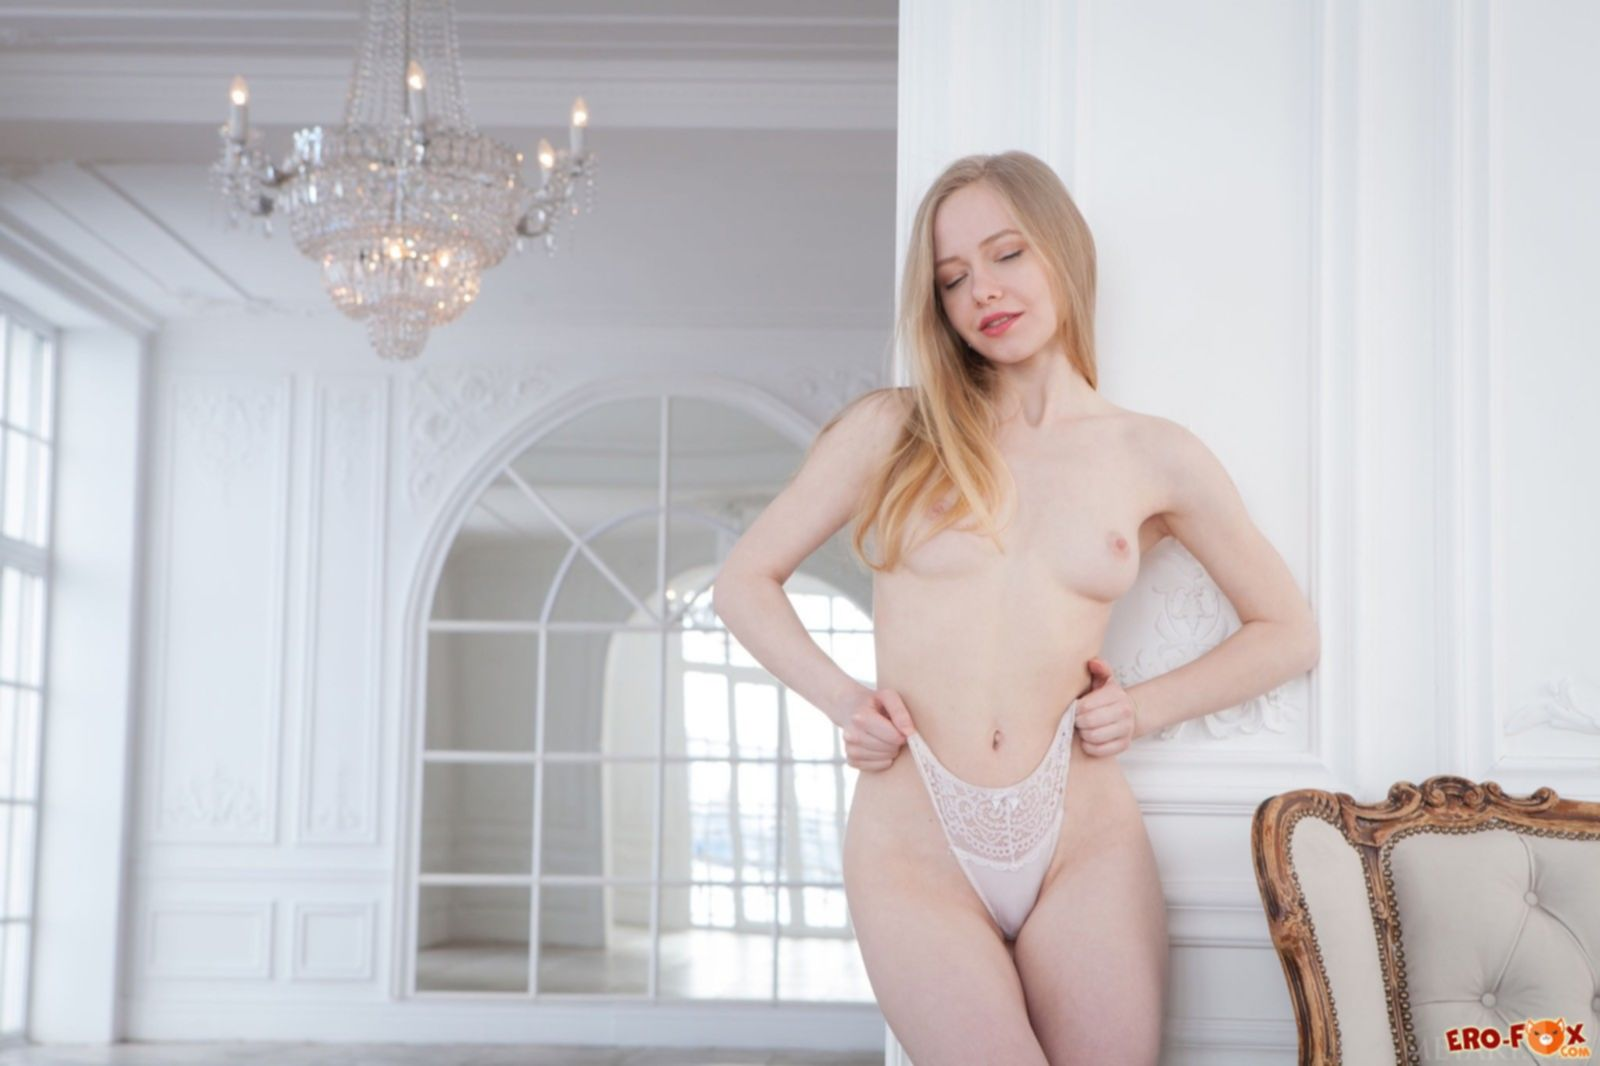 Сексуальная блондинка раздевается на камеру - фото